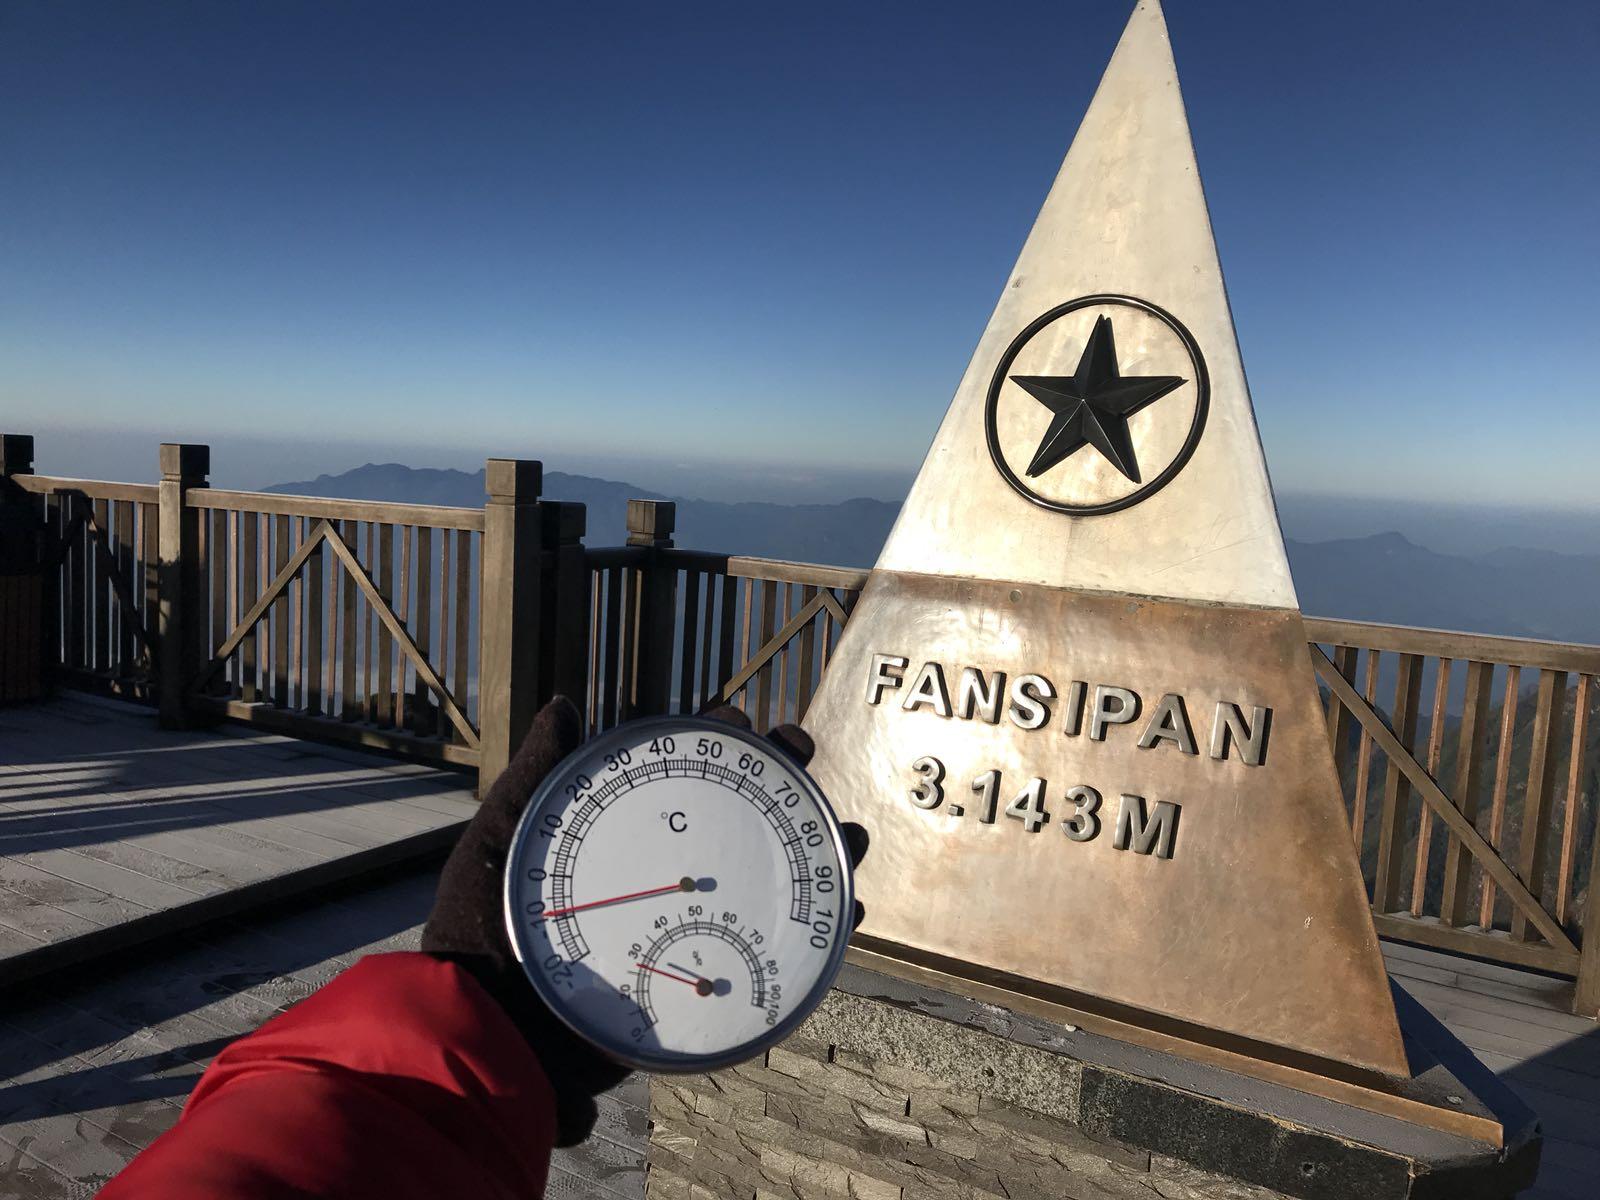 Ảnh: Nhiệt độ giảm xuống -8 độ C, tuyết rơi trắng xóa trên đỉnh Fansipan